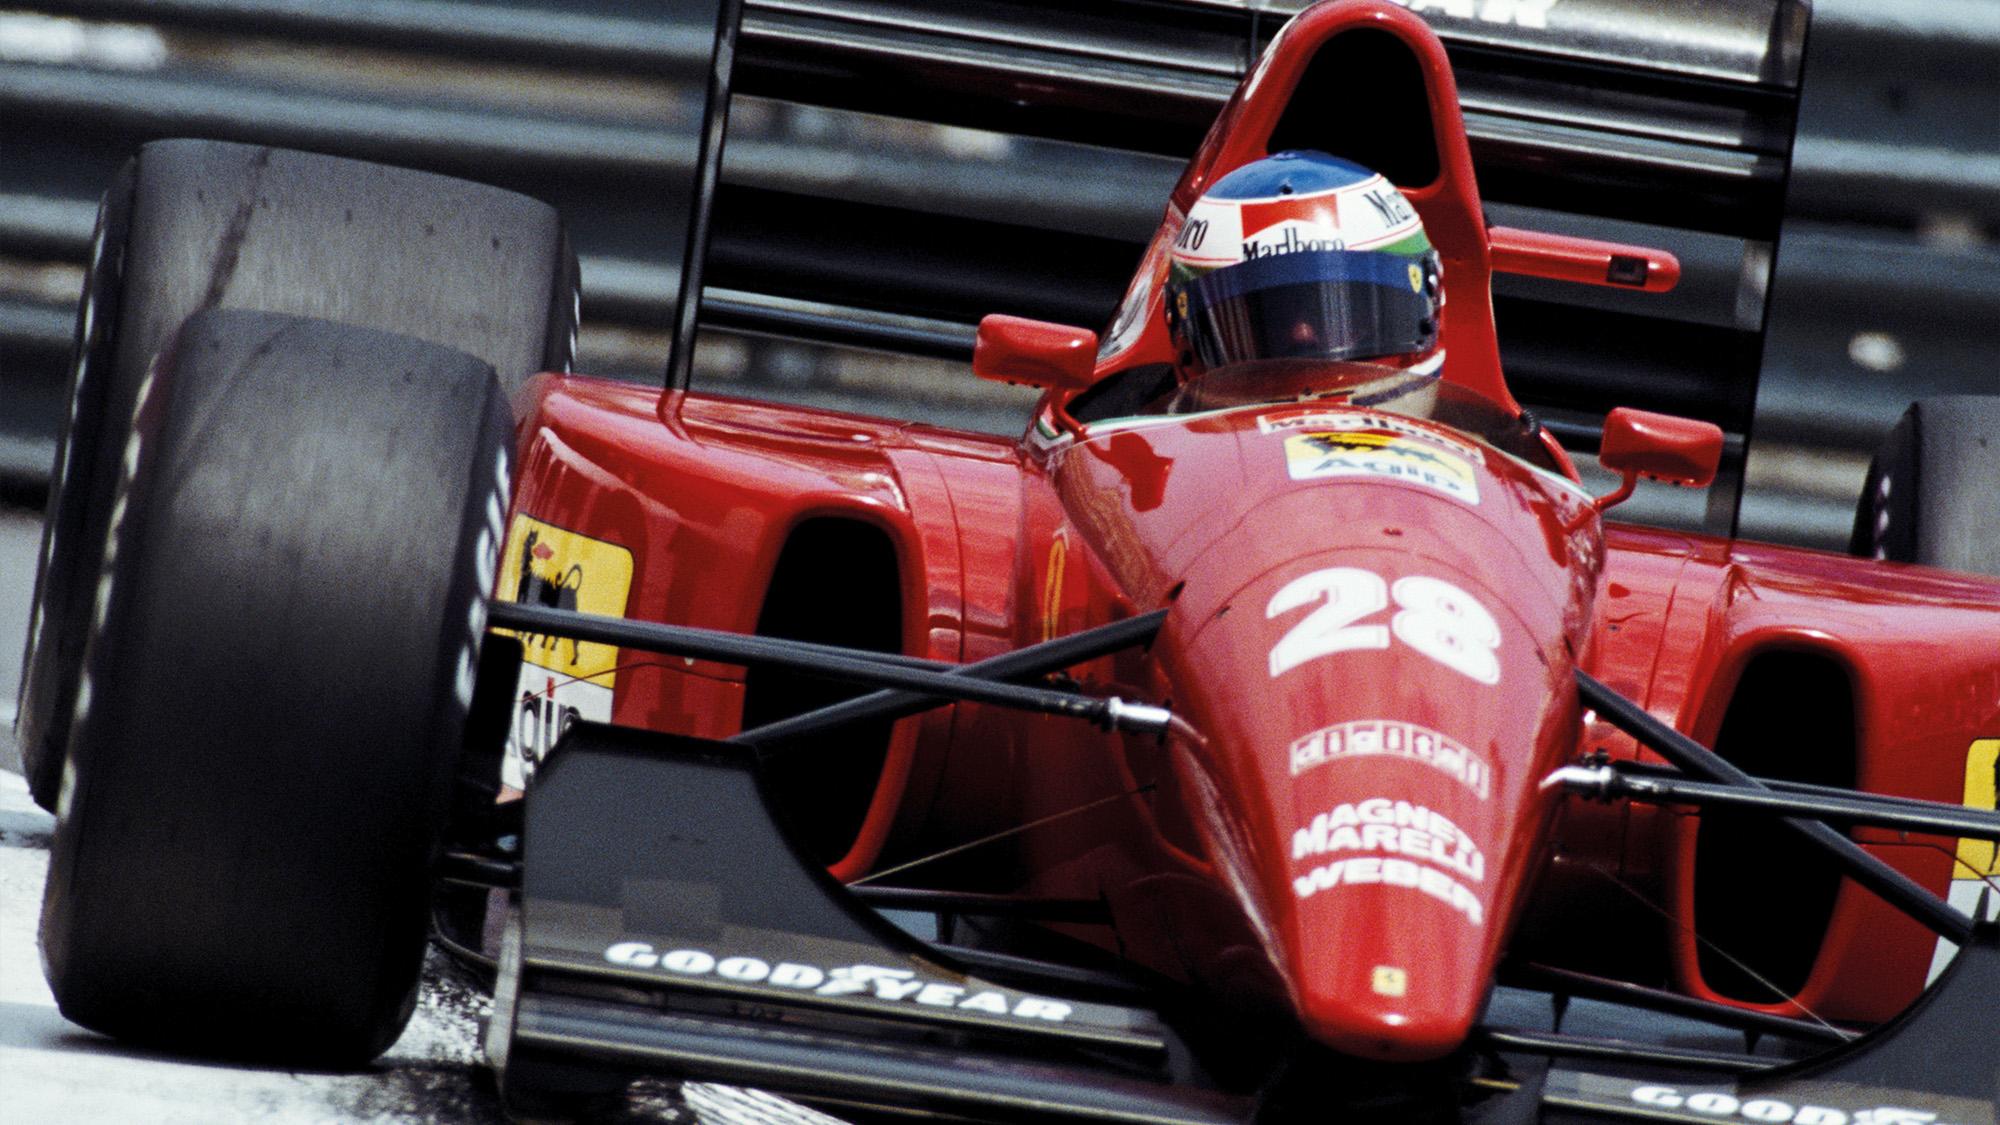 Ivan Capelli at Monaco for Ferrari in 1992